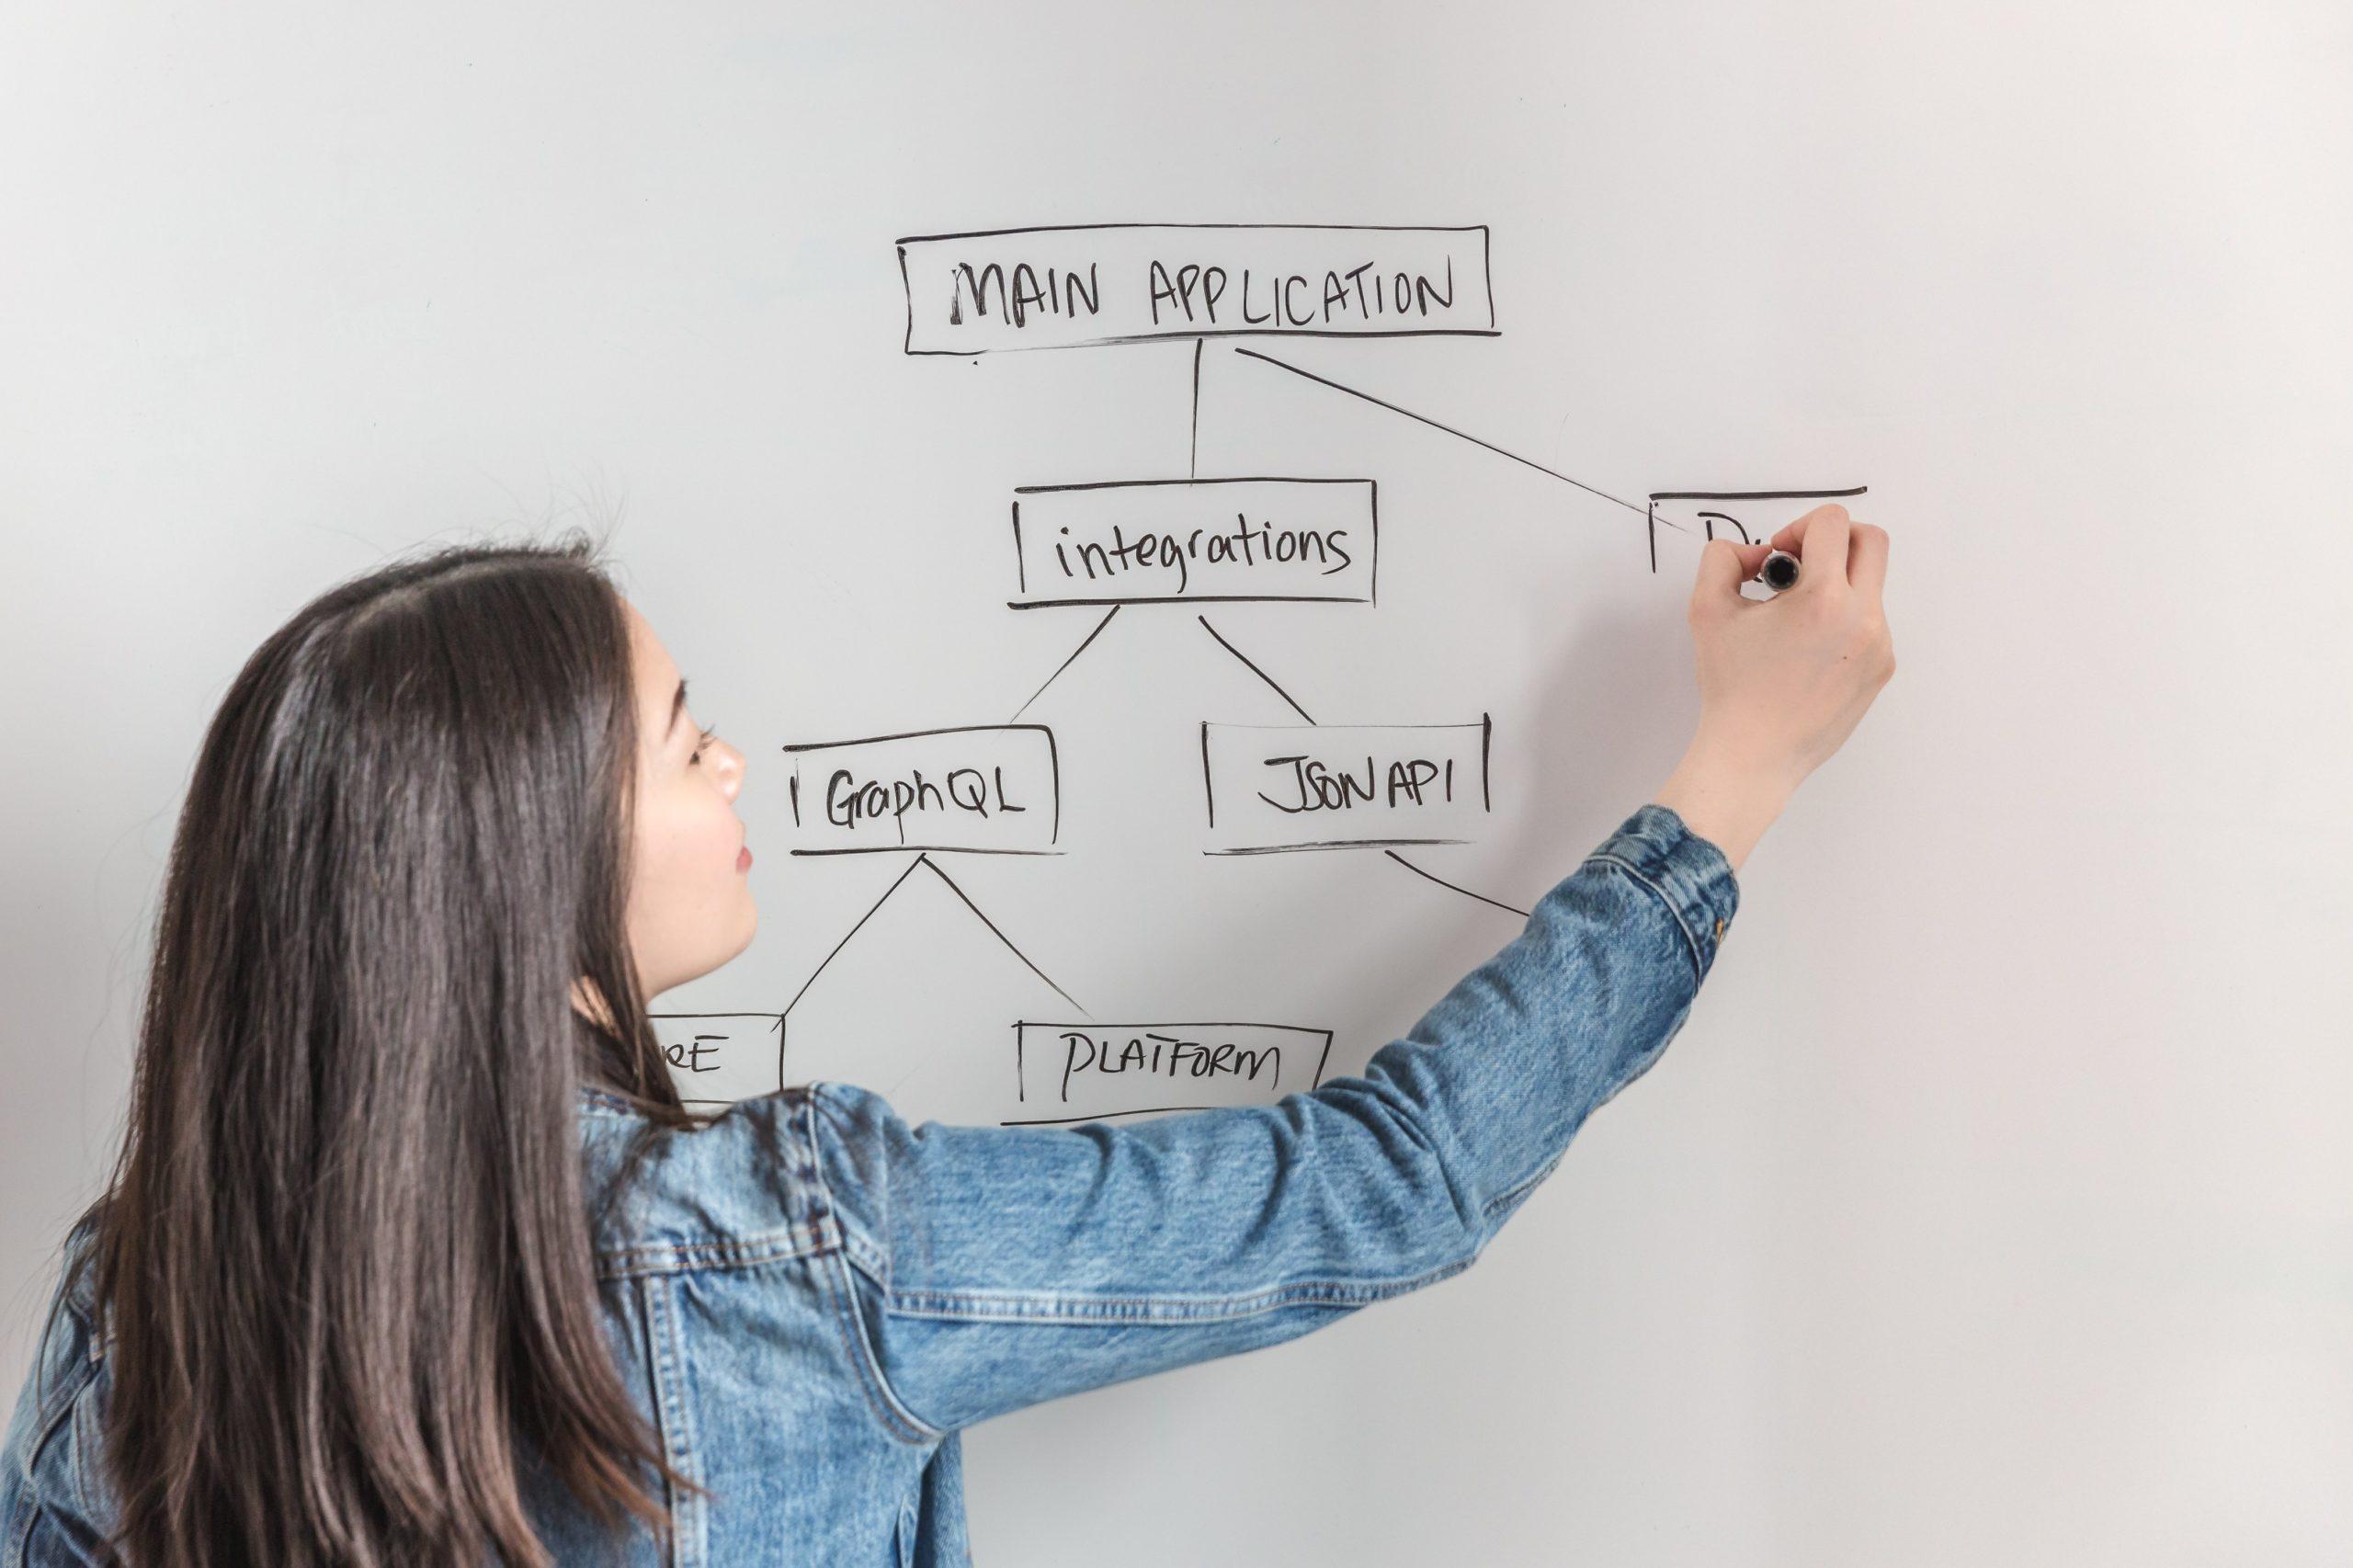 営業成績を伸ばしたい!心理学を使って確実に契約をとる方法3選